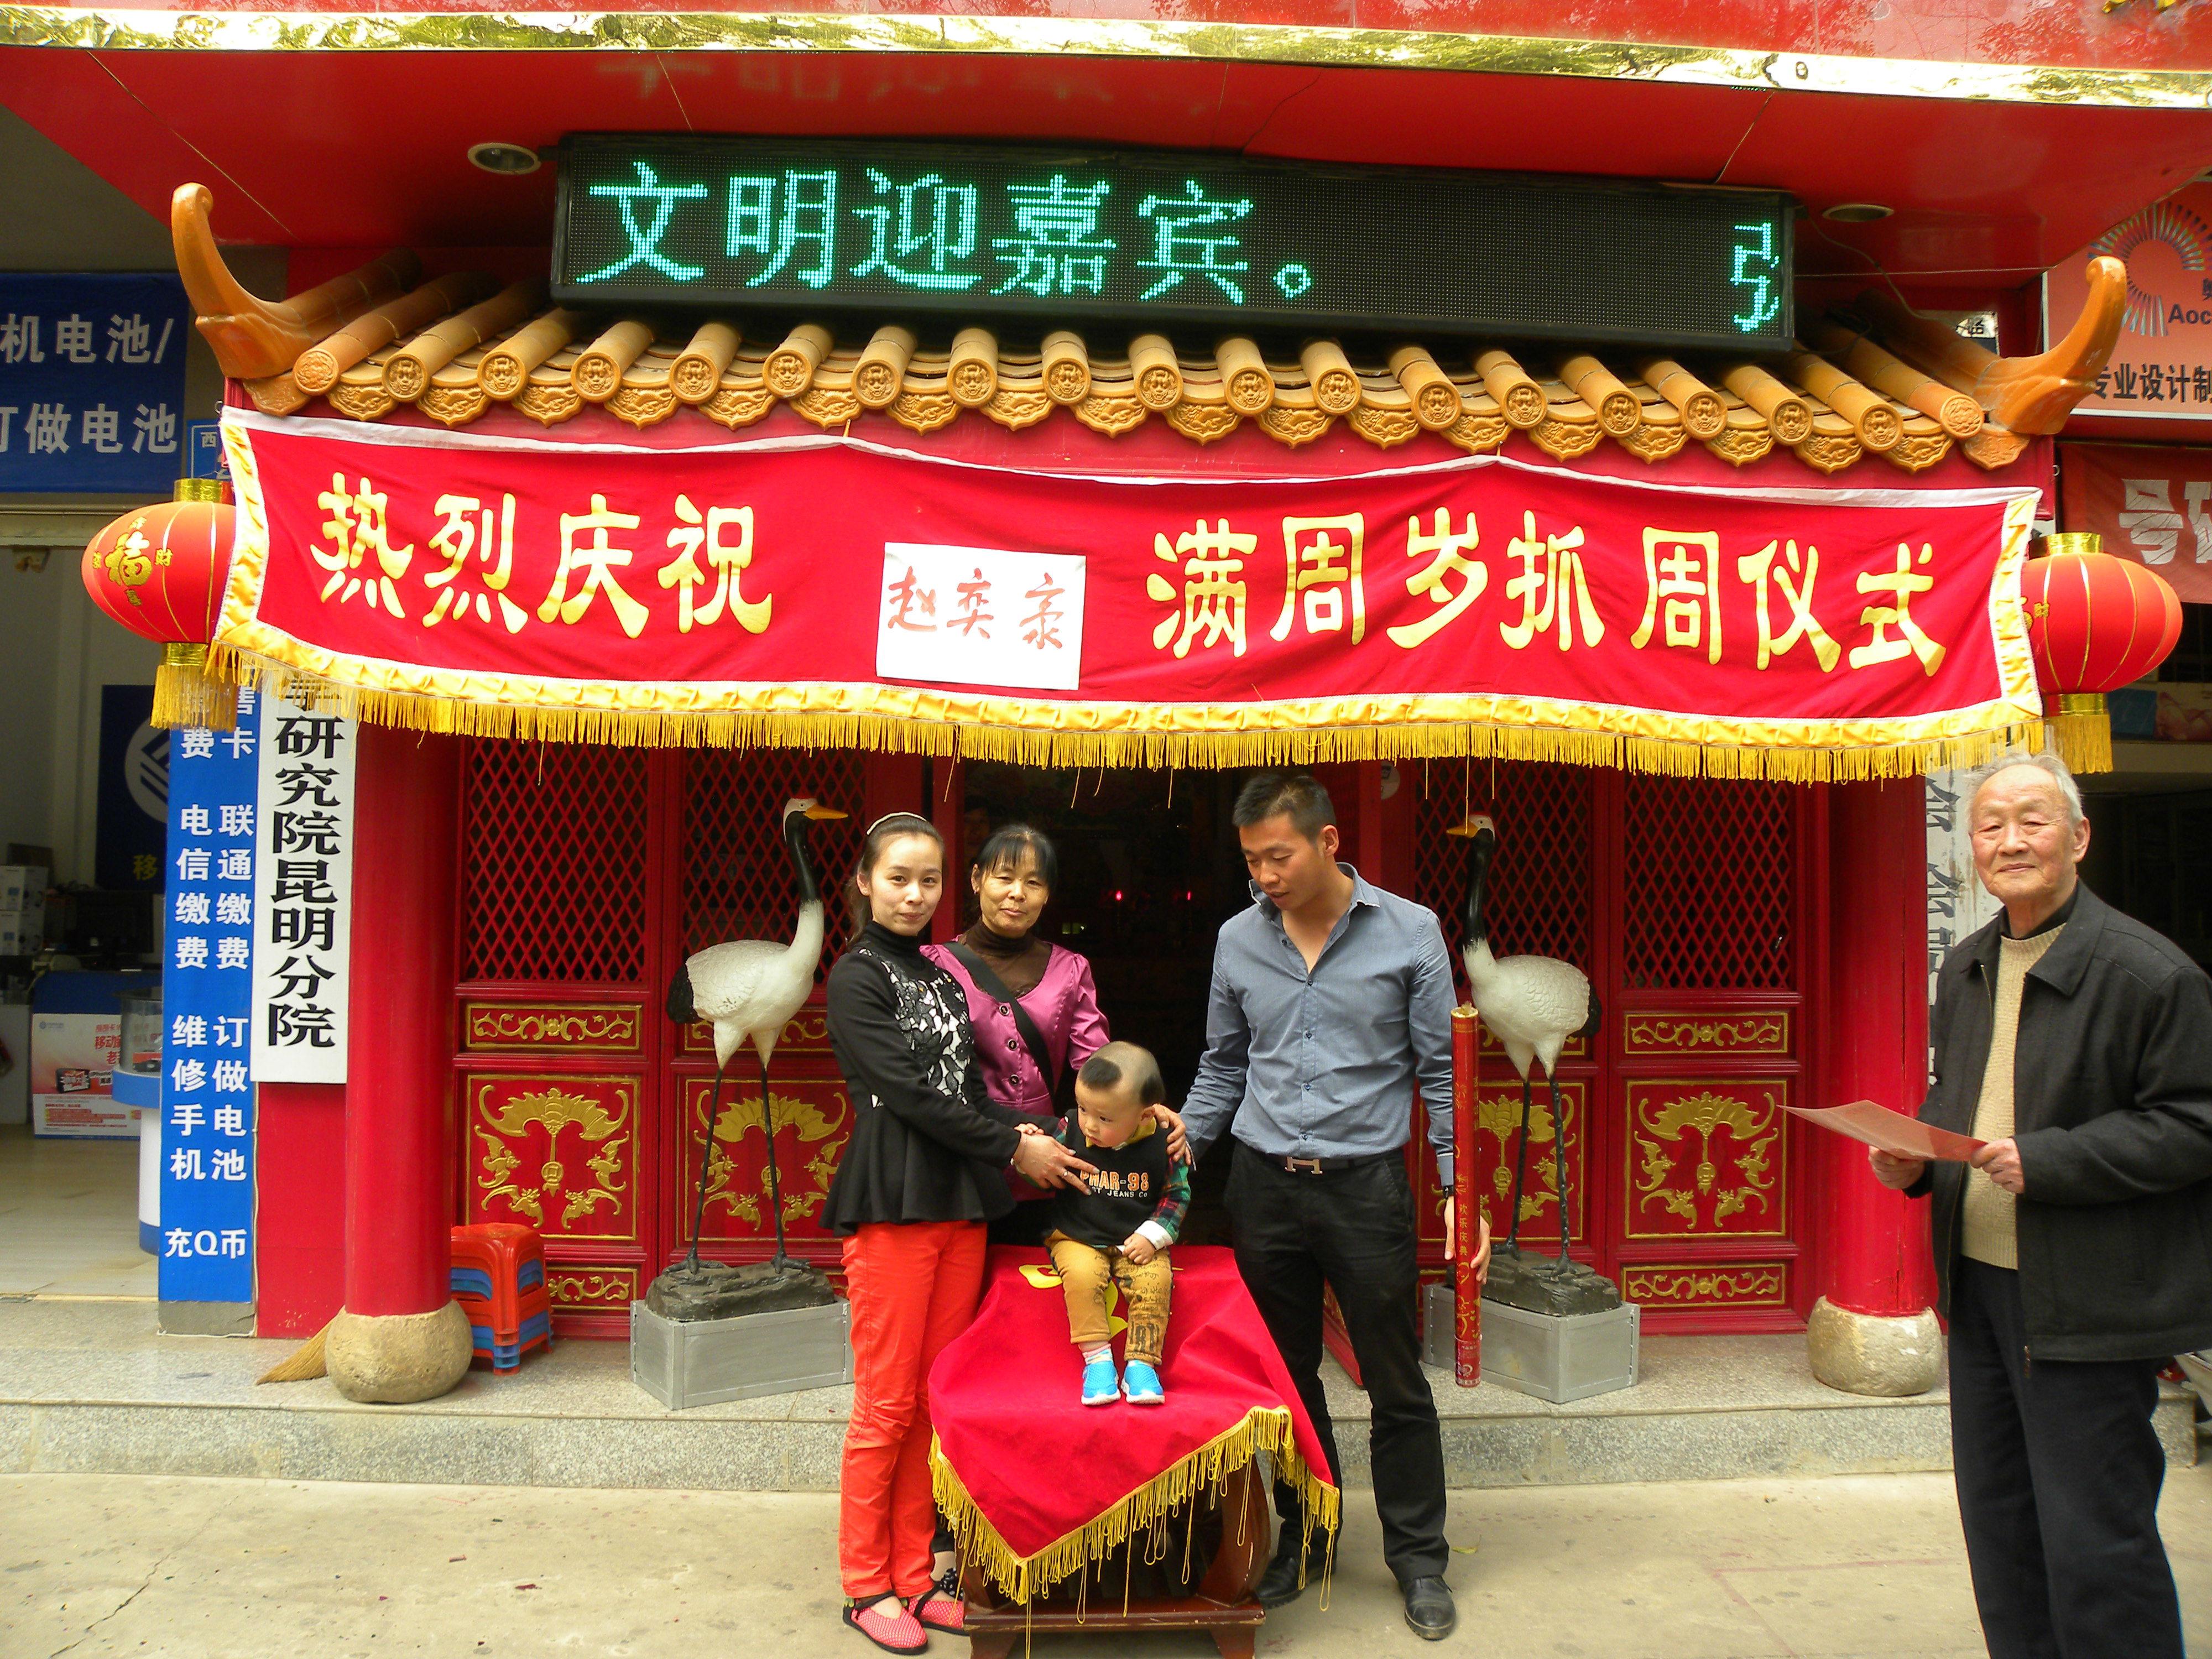 http://www.ynyihexuan.cn/160107140914126812685100.jpg